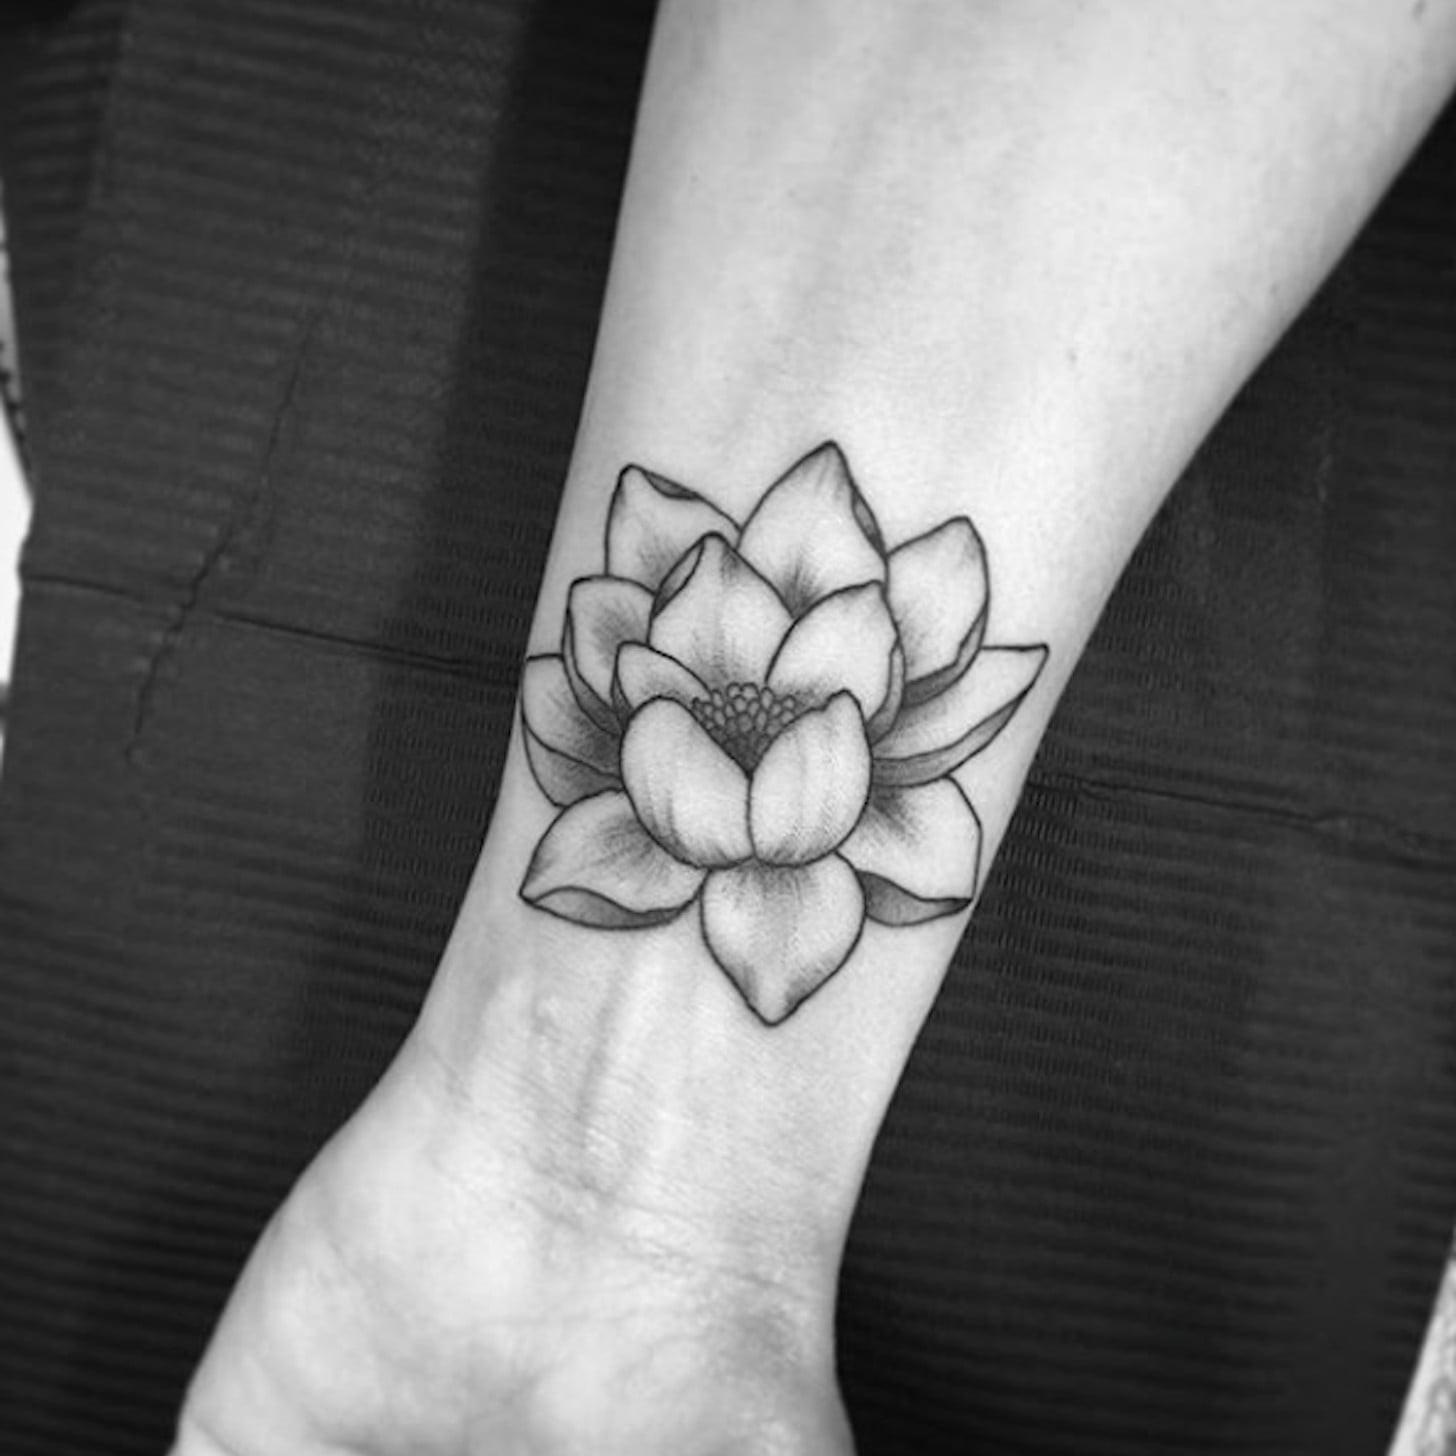 La fleur de lotus représente la connaissance, la compréhension, l'illumination et la vie.